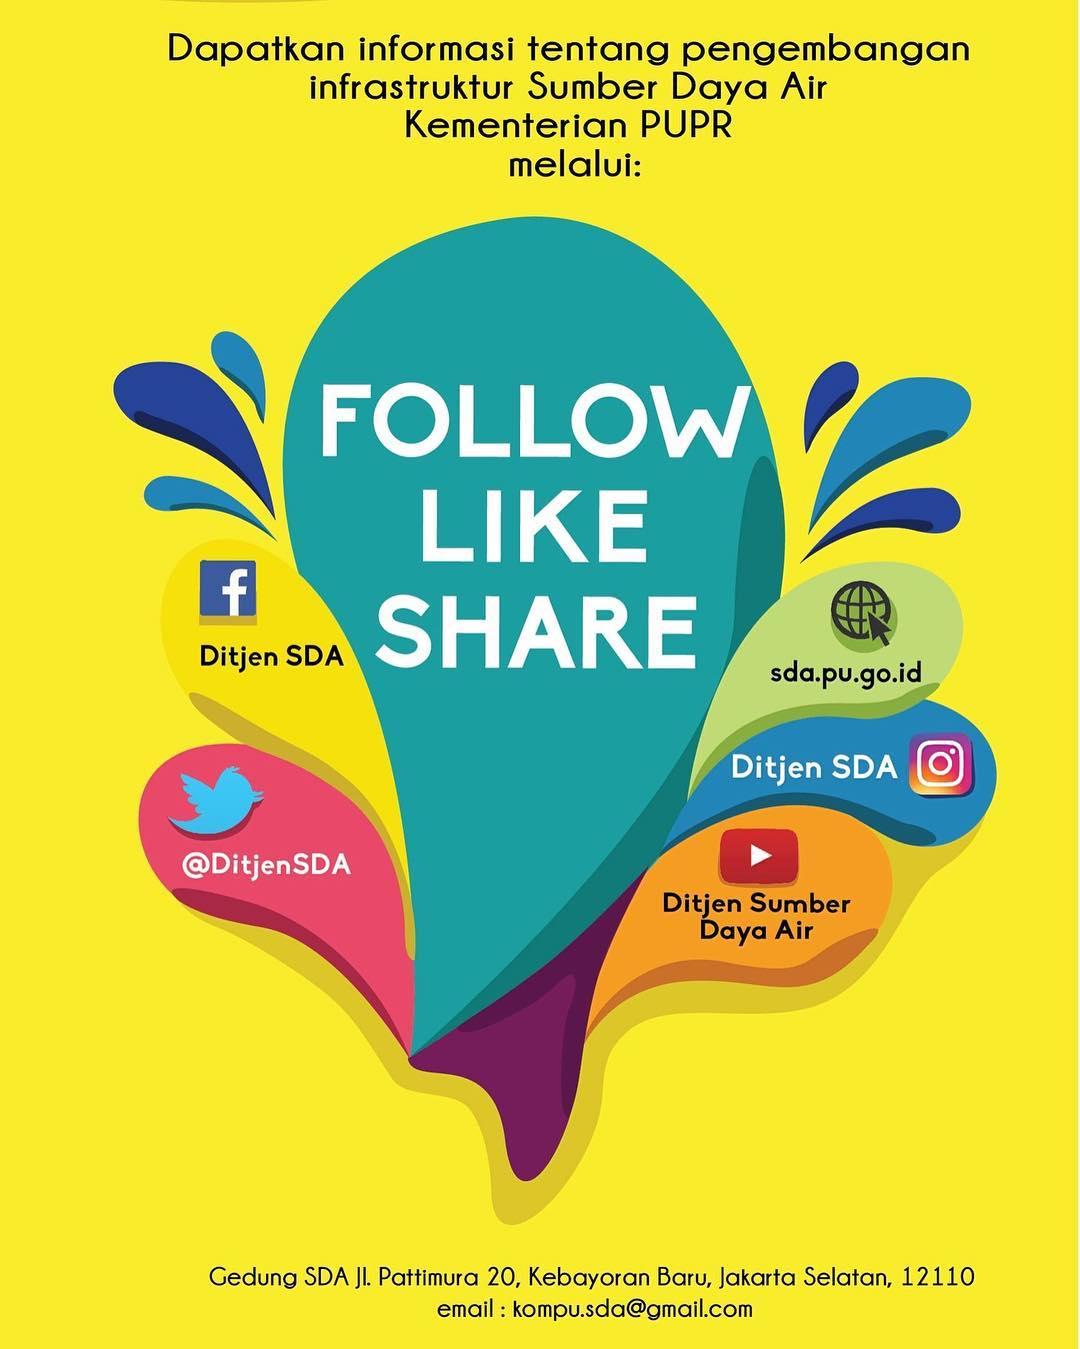 Media Sosial Ditjen SDA